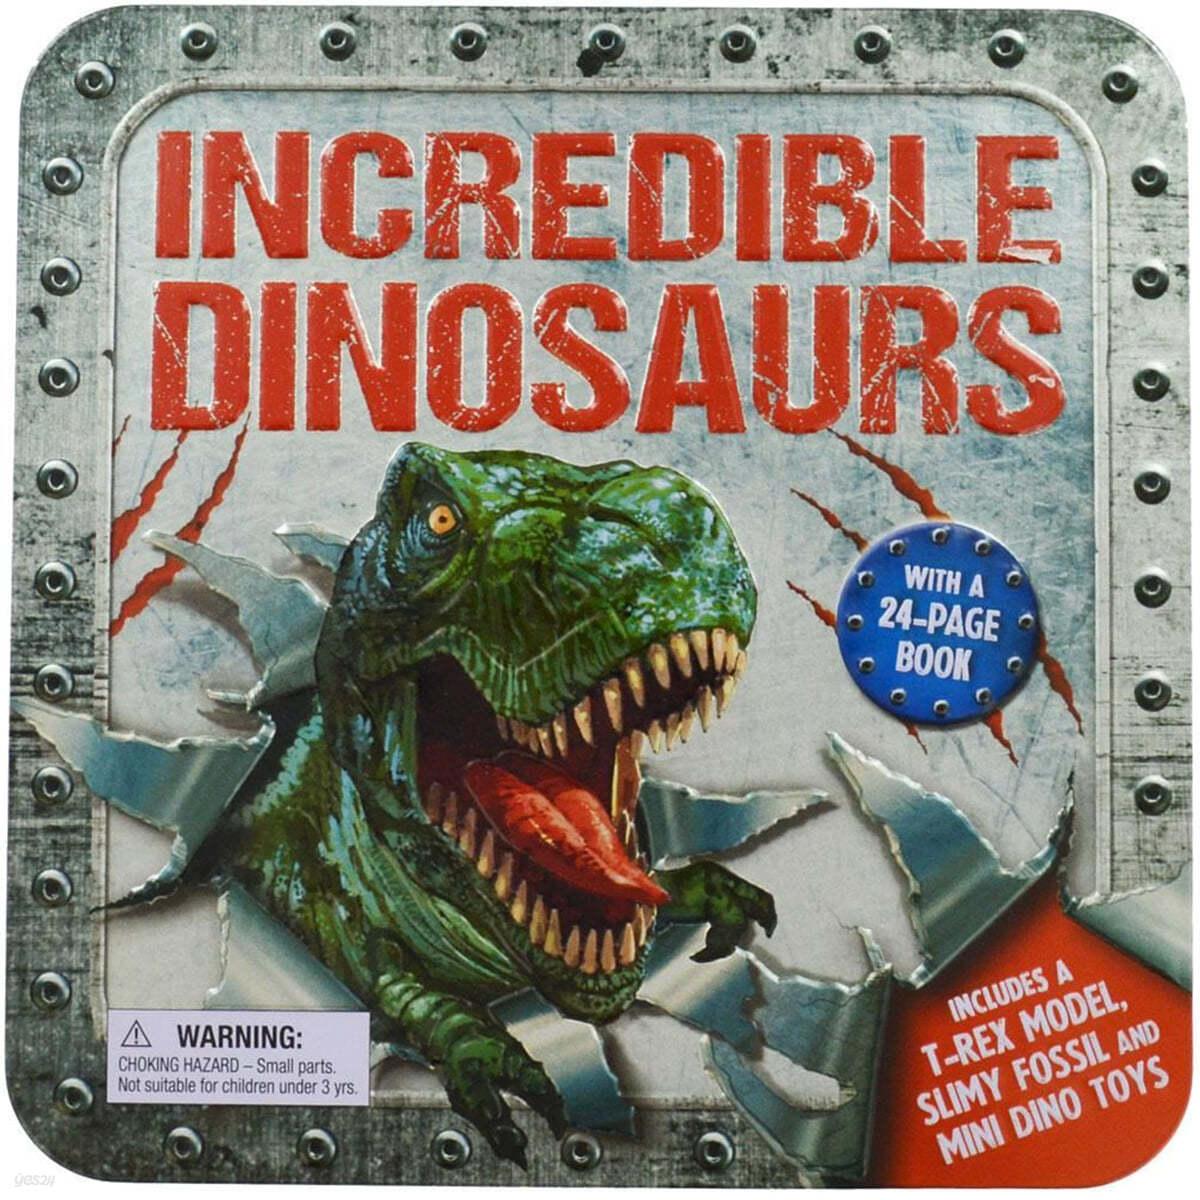 [틴케이스] 놀라운 공룡 하비틴 Incredible Dinosaurs (Hobby Tin)